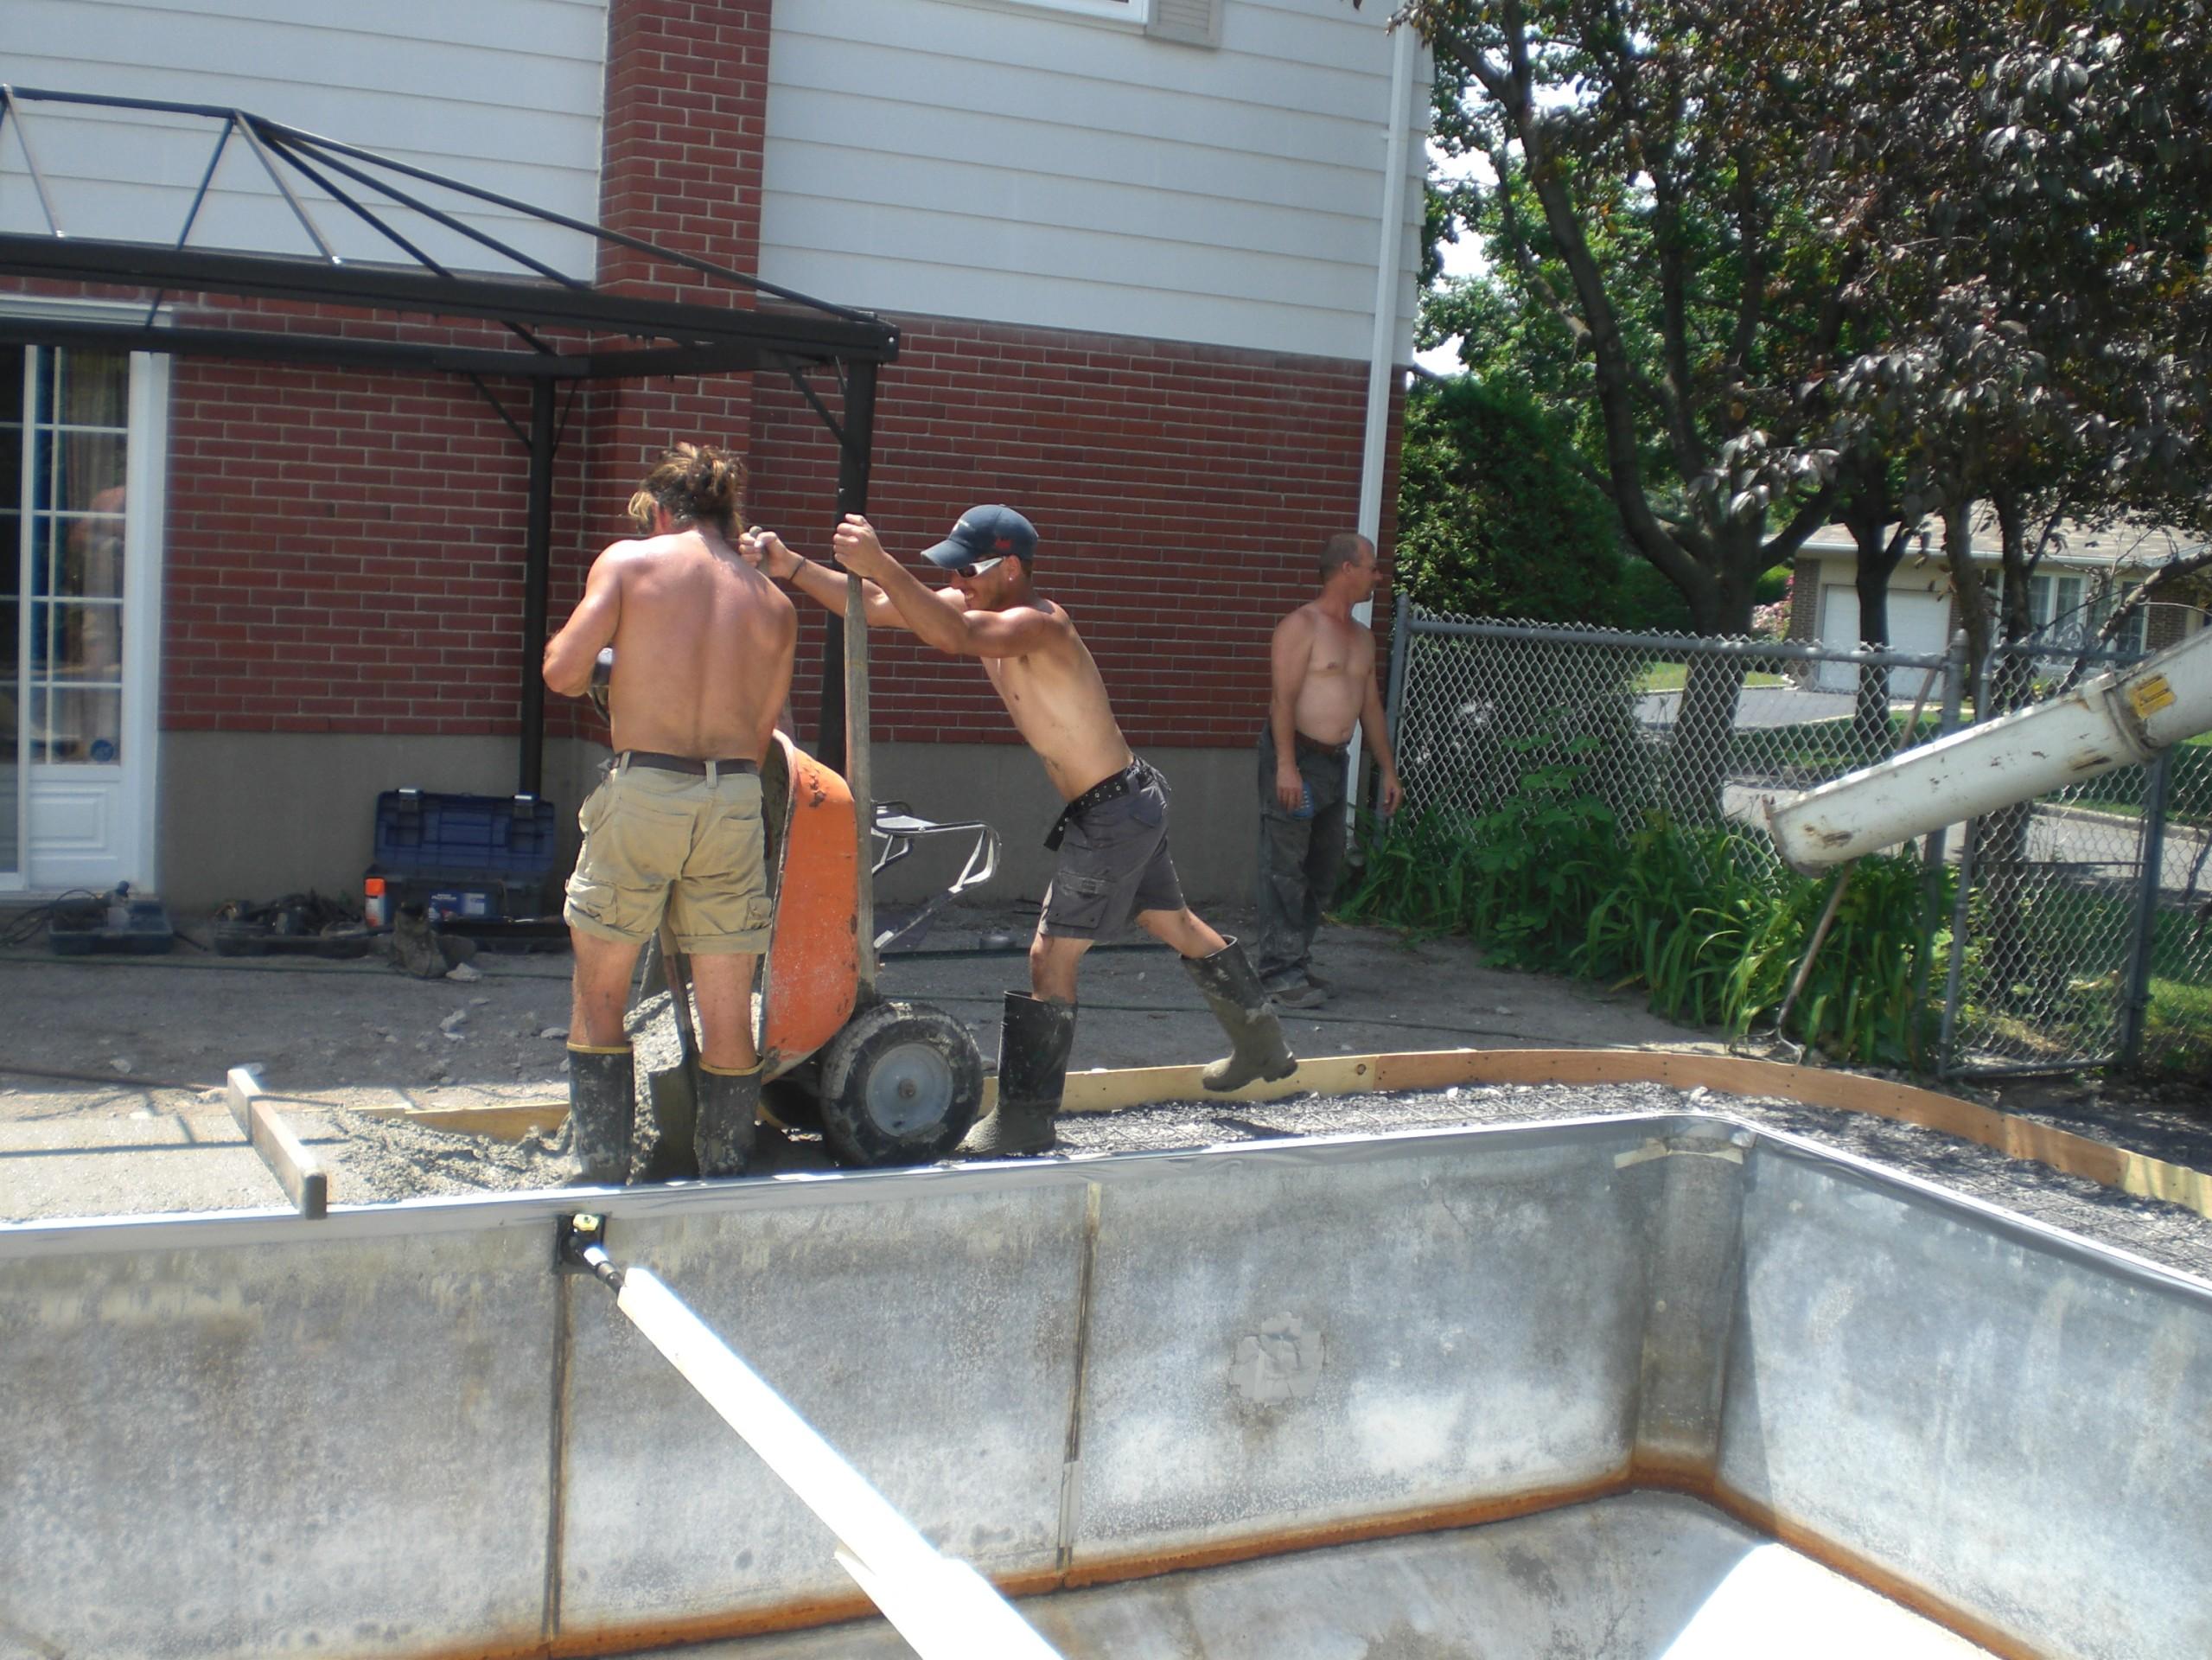 piscine 25 juin 09 010.jpg